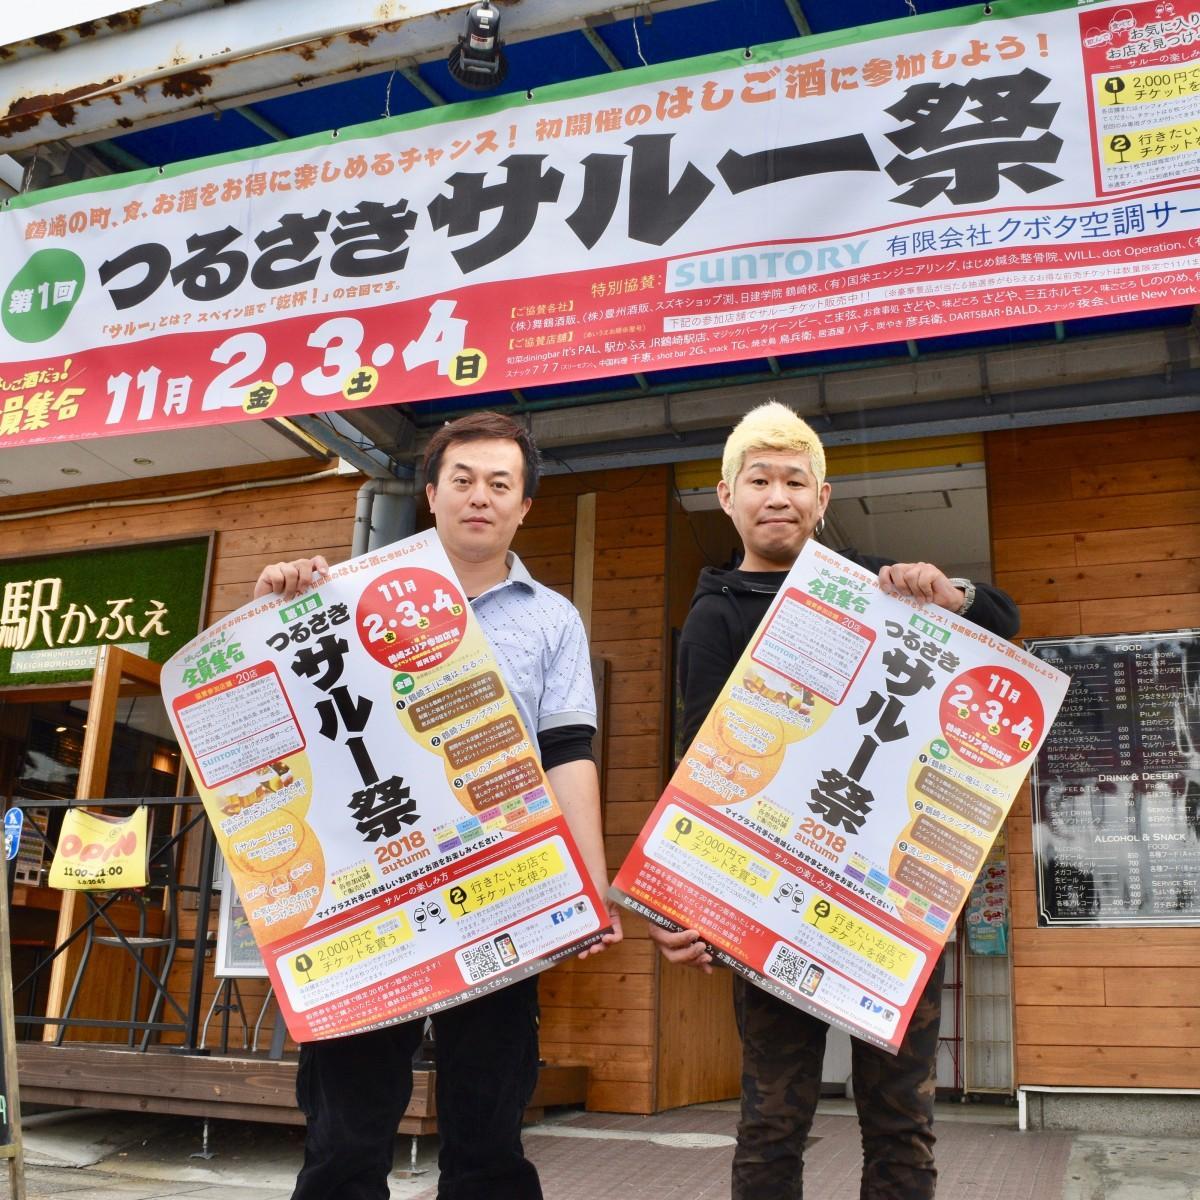 つるさきサルー祭をアピールする三浦さん(左)とクワトロさん